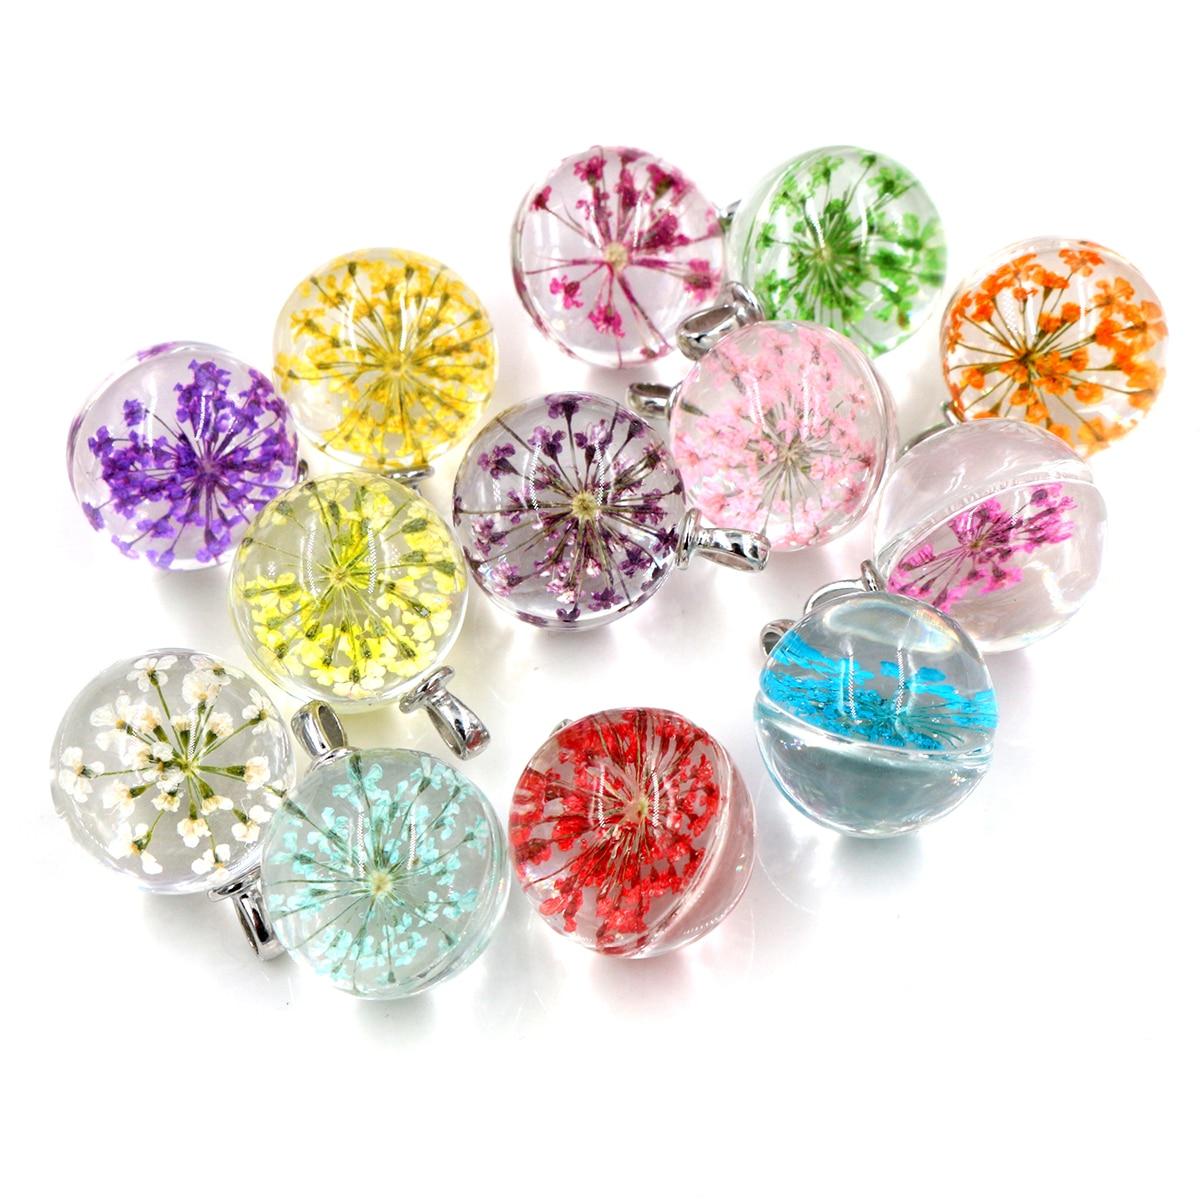 5 шт., 27x20 мм, хит продаж, ювелирное изделие, Хрустальное стекло, настоящее смешанные цвета, сушеный цветок, шар, ожерелье, подвеска, ожерелья д...